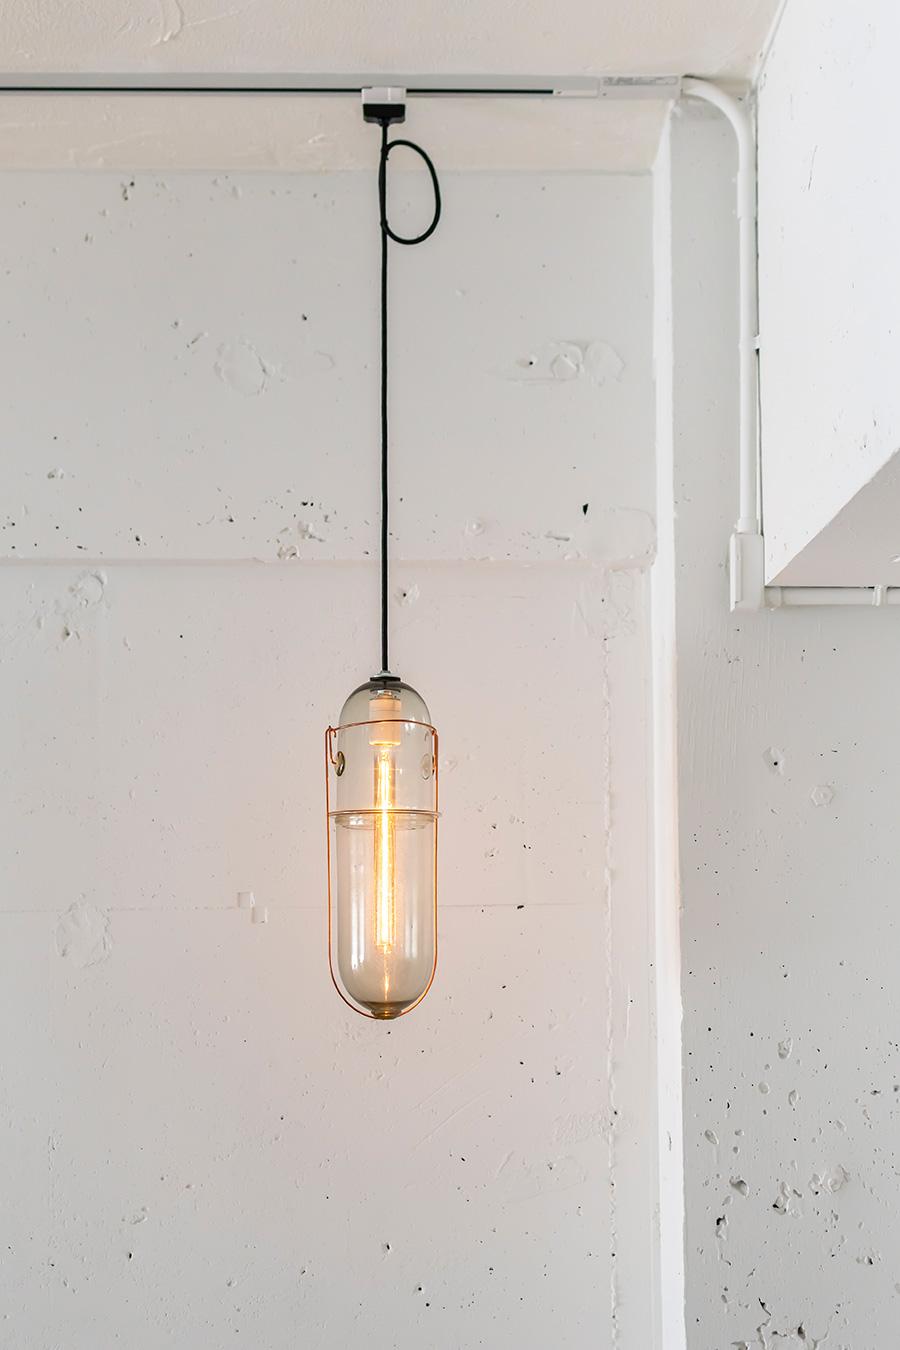 カプセル型のガラス照明はピーターアイビー作。